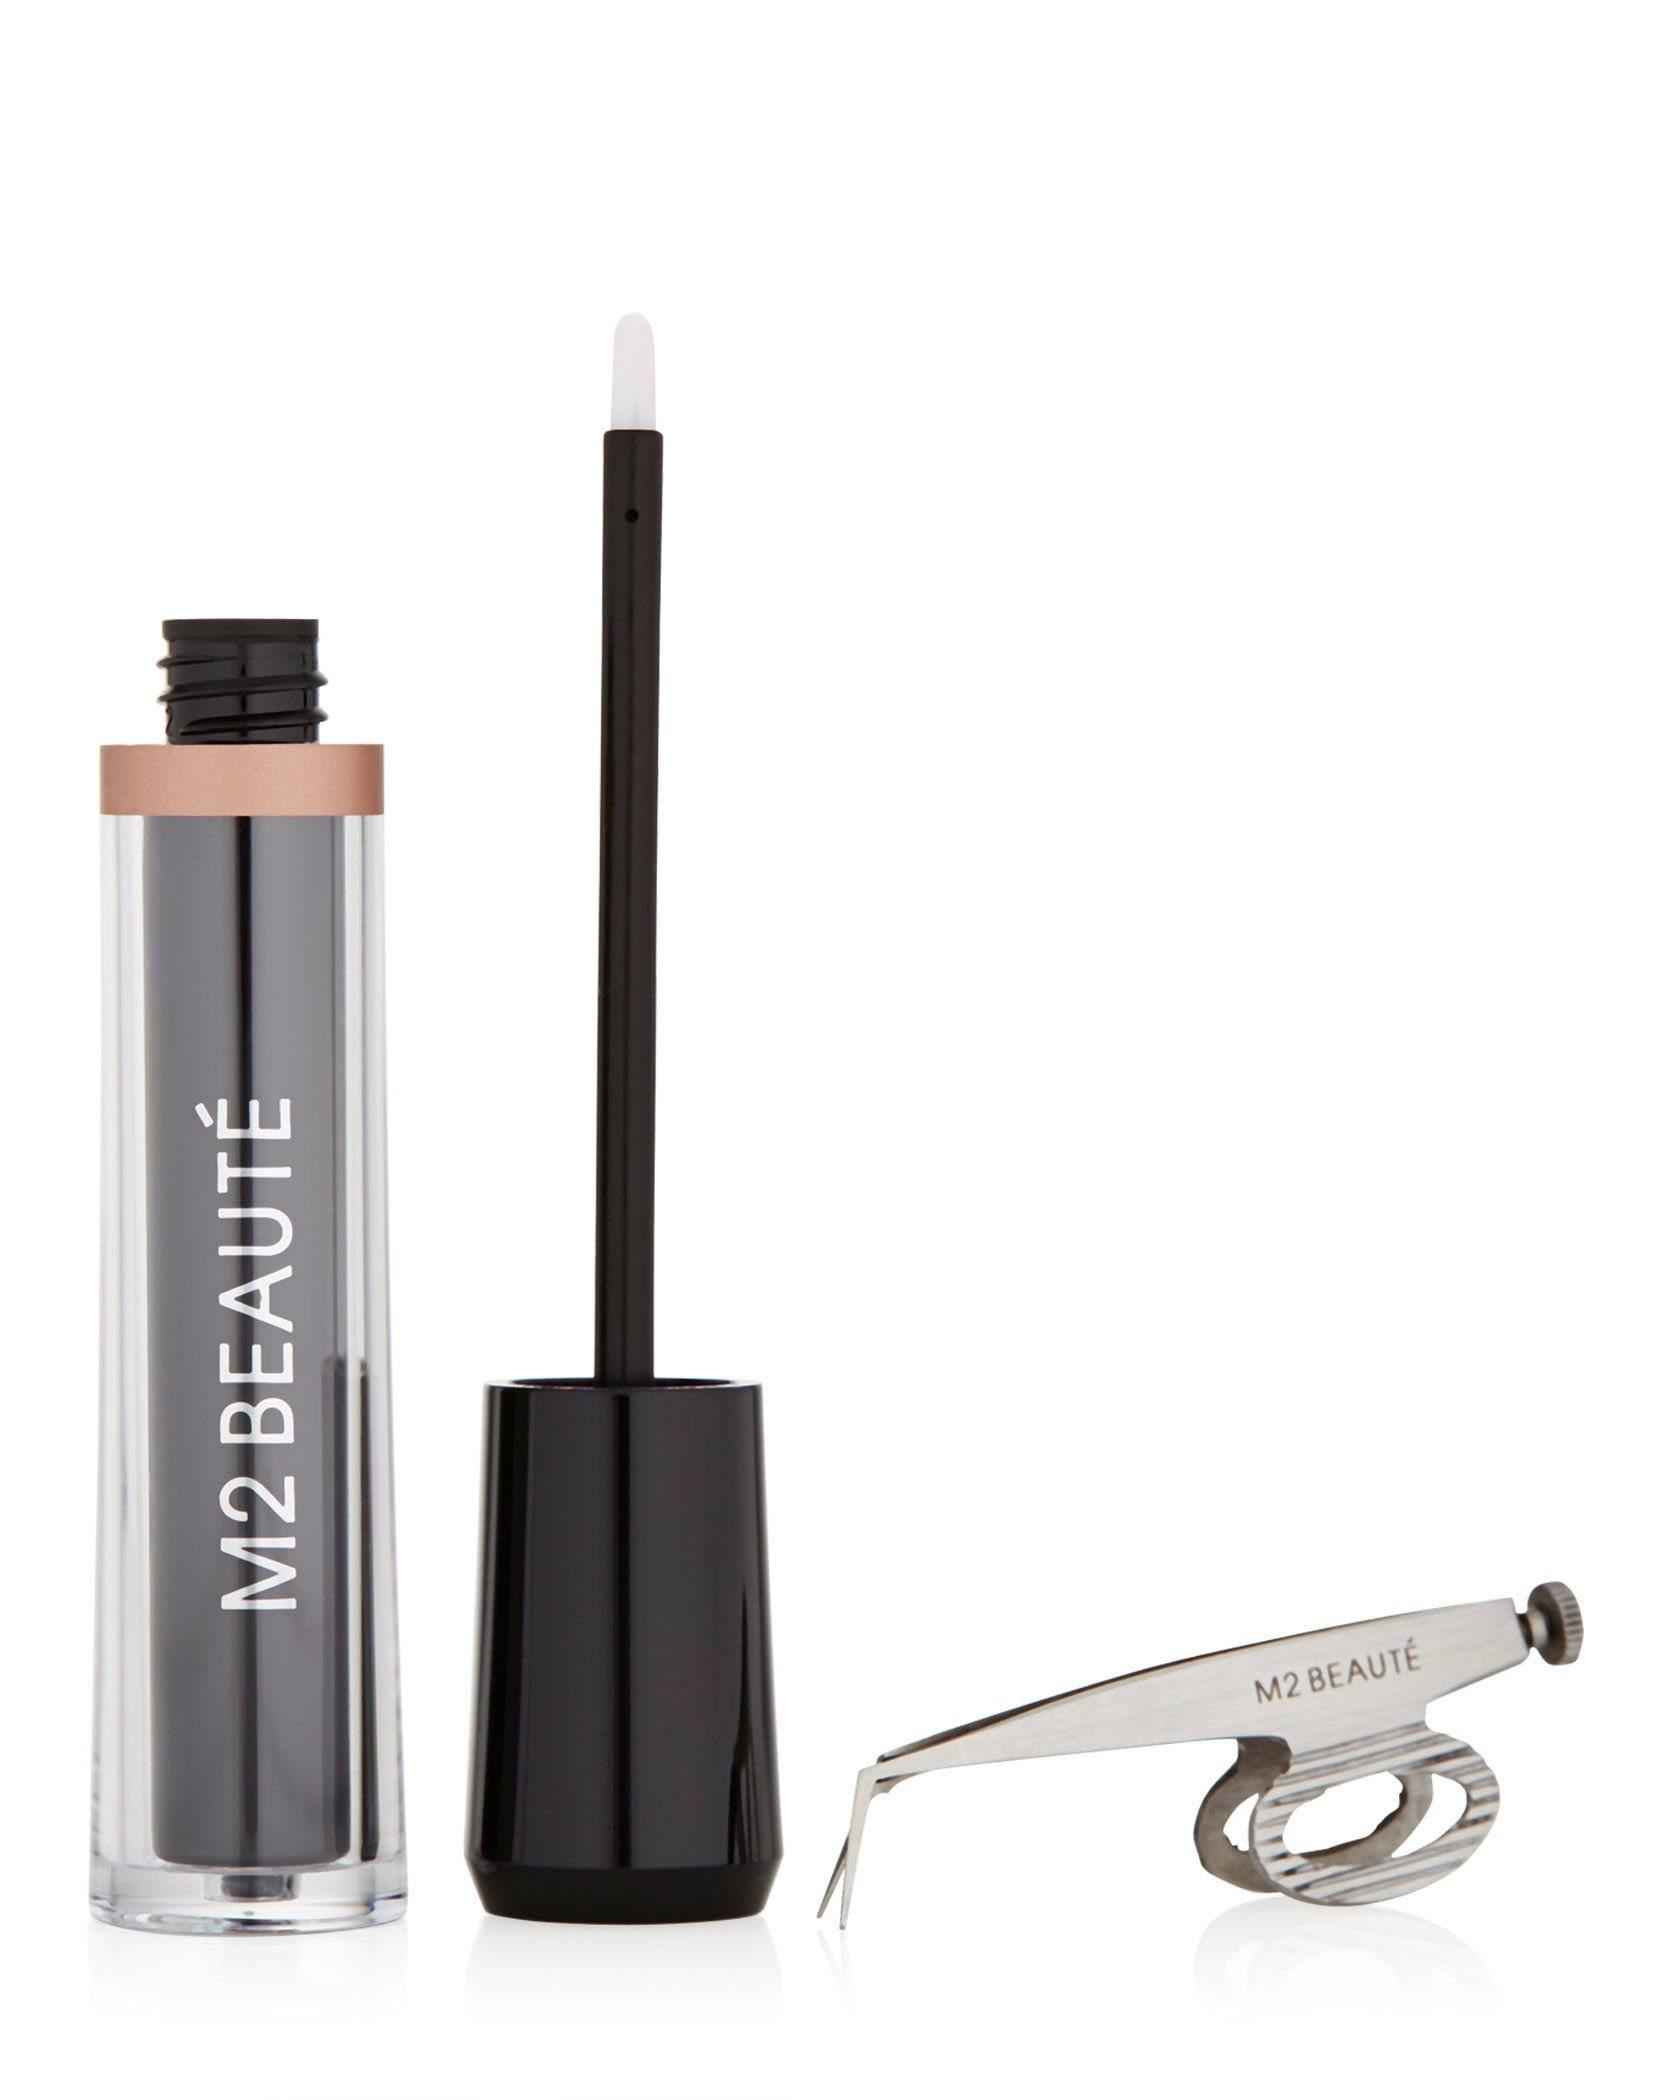 M2 Beauté Gesichtspflegeset »M2 Summer Eyebrow Renewing Serum & Eyebrow«